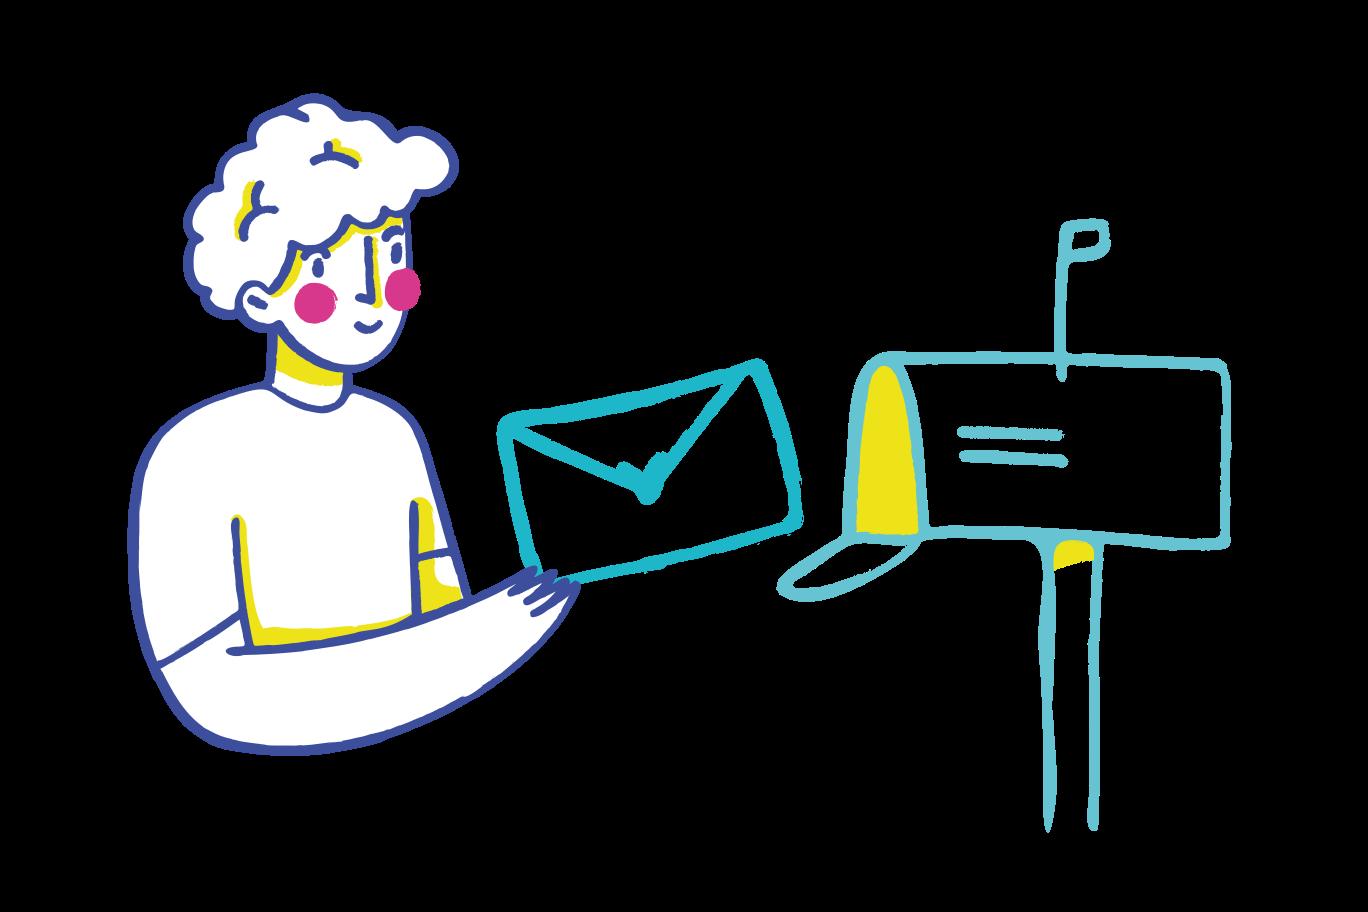 Sending a letter Clipart illustration in PNG, SVG